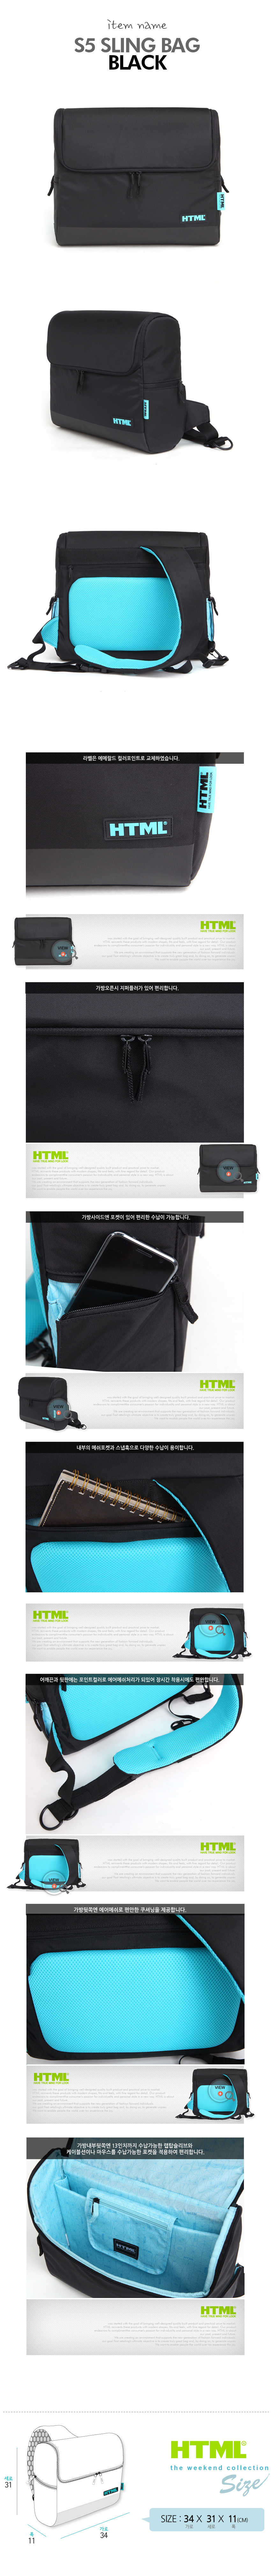 HTML - S5 Slingbag (Black)